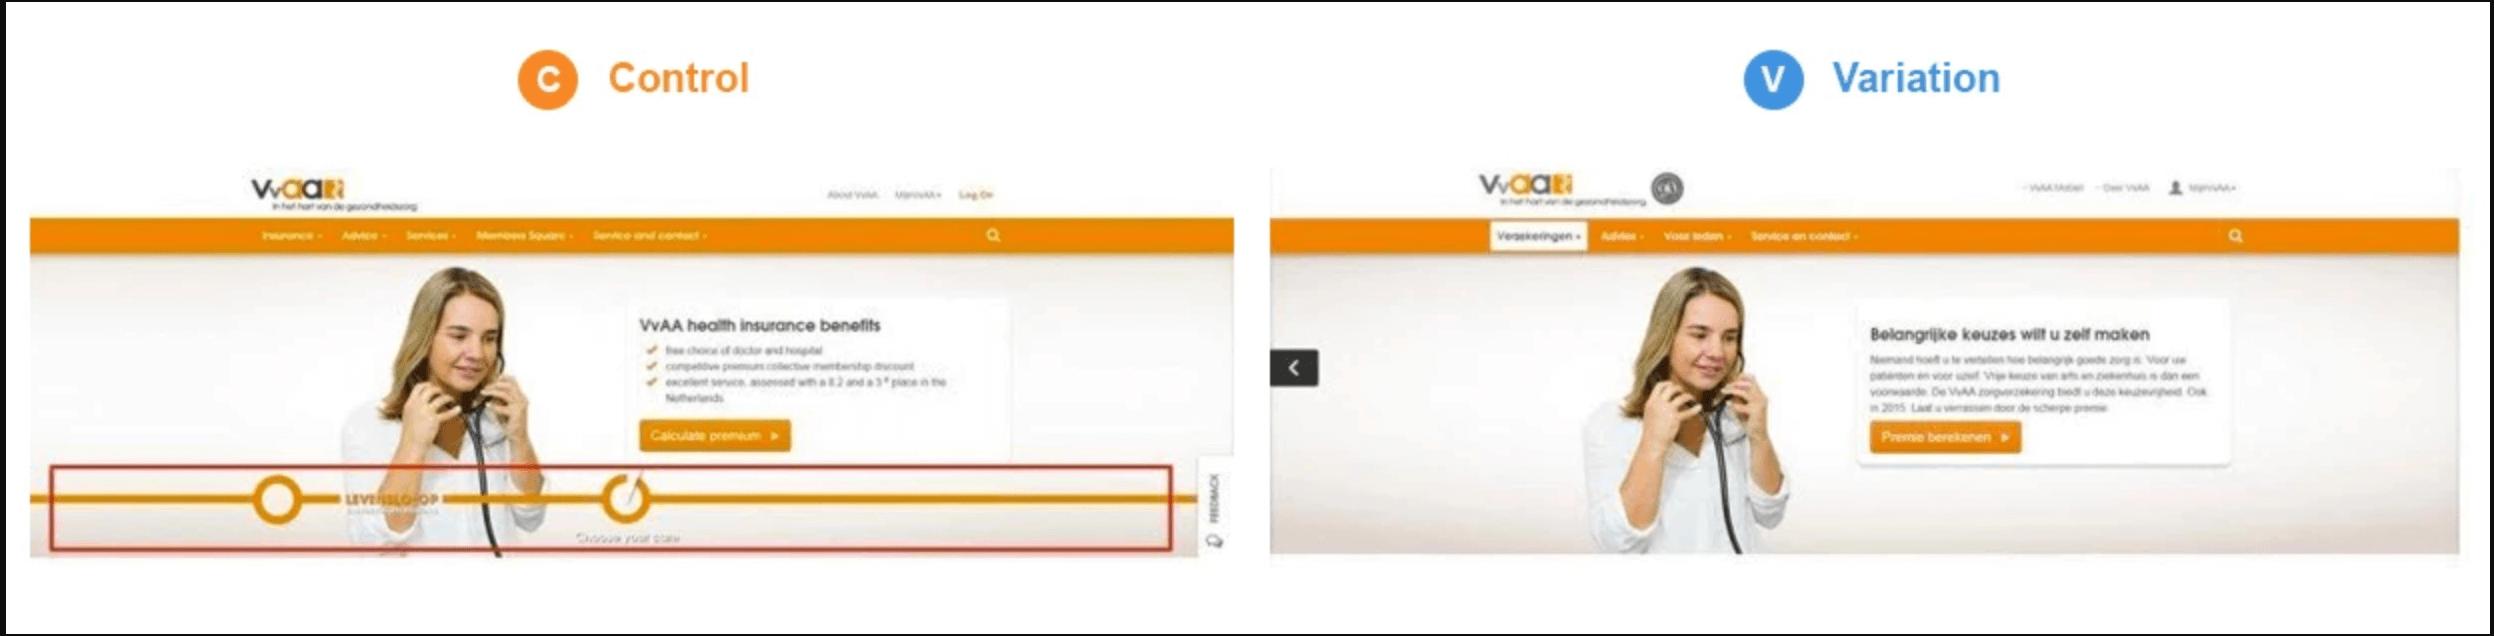 VVAA A/B Test